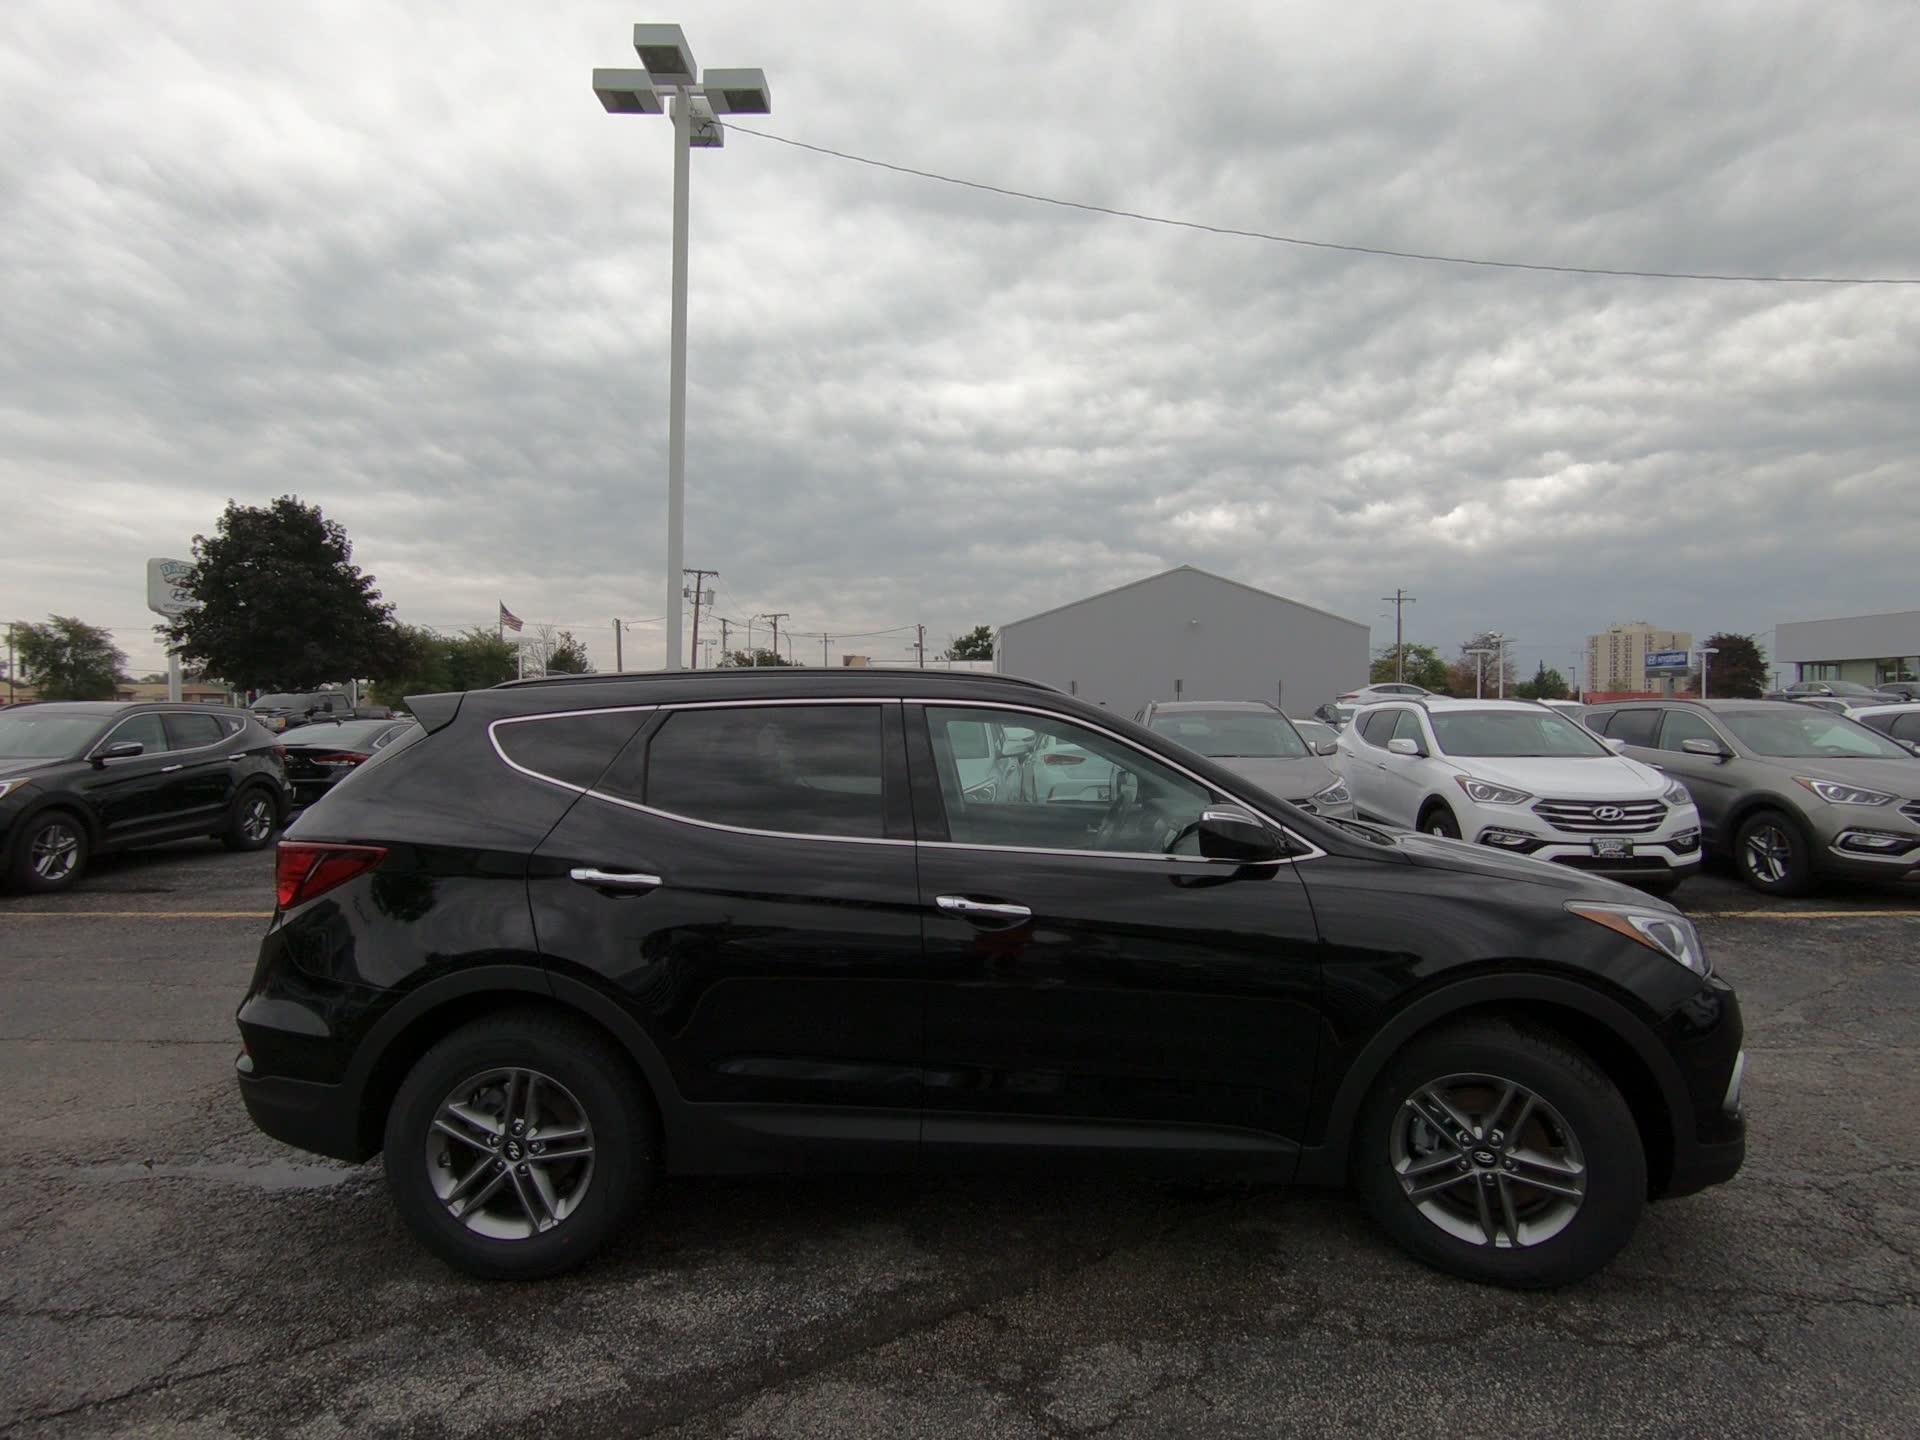 2018 Hyundai Santa Fe Sport 24l Twilight Black 4dr Suv A At Darcy Joliet Il